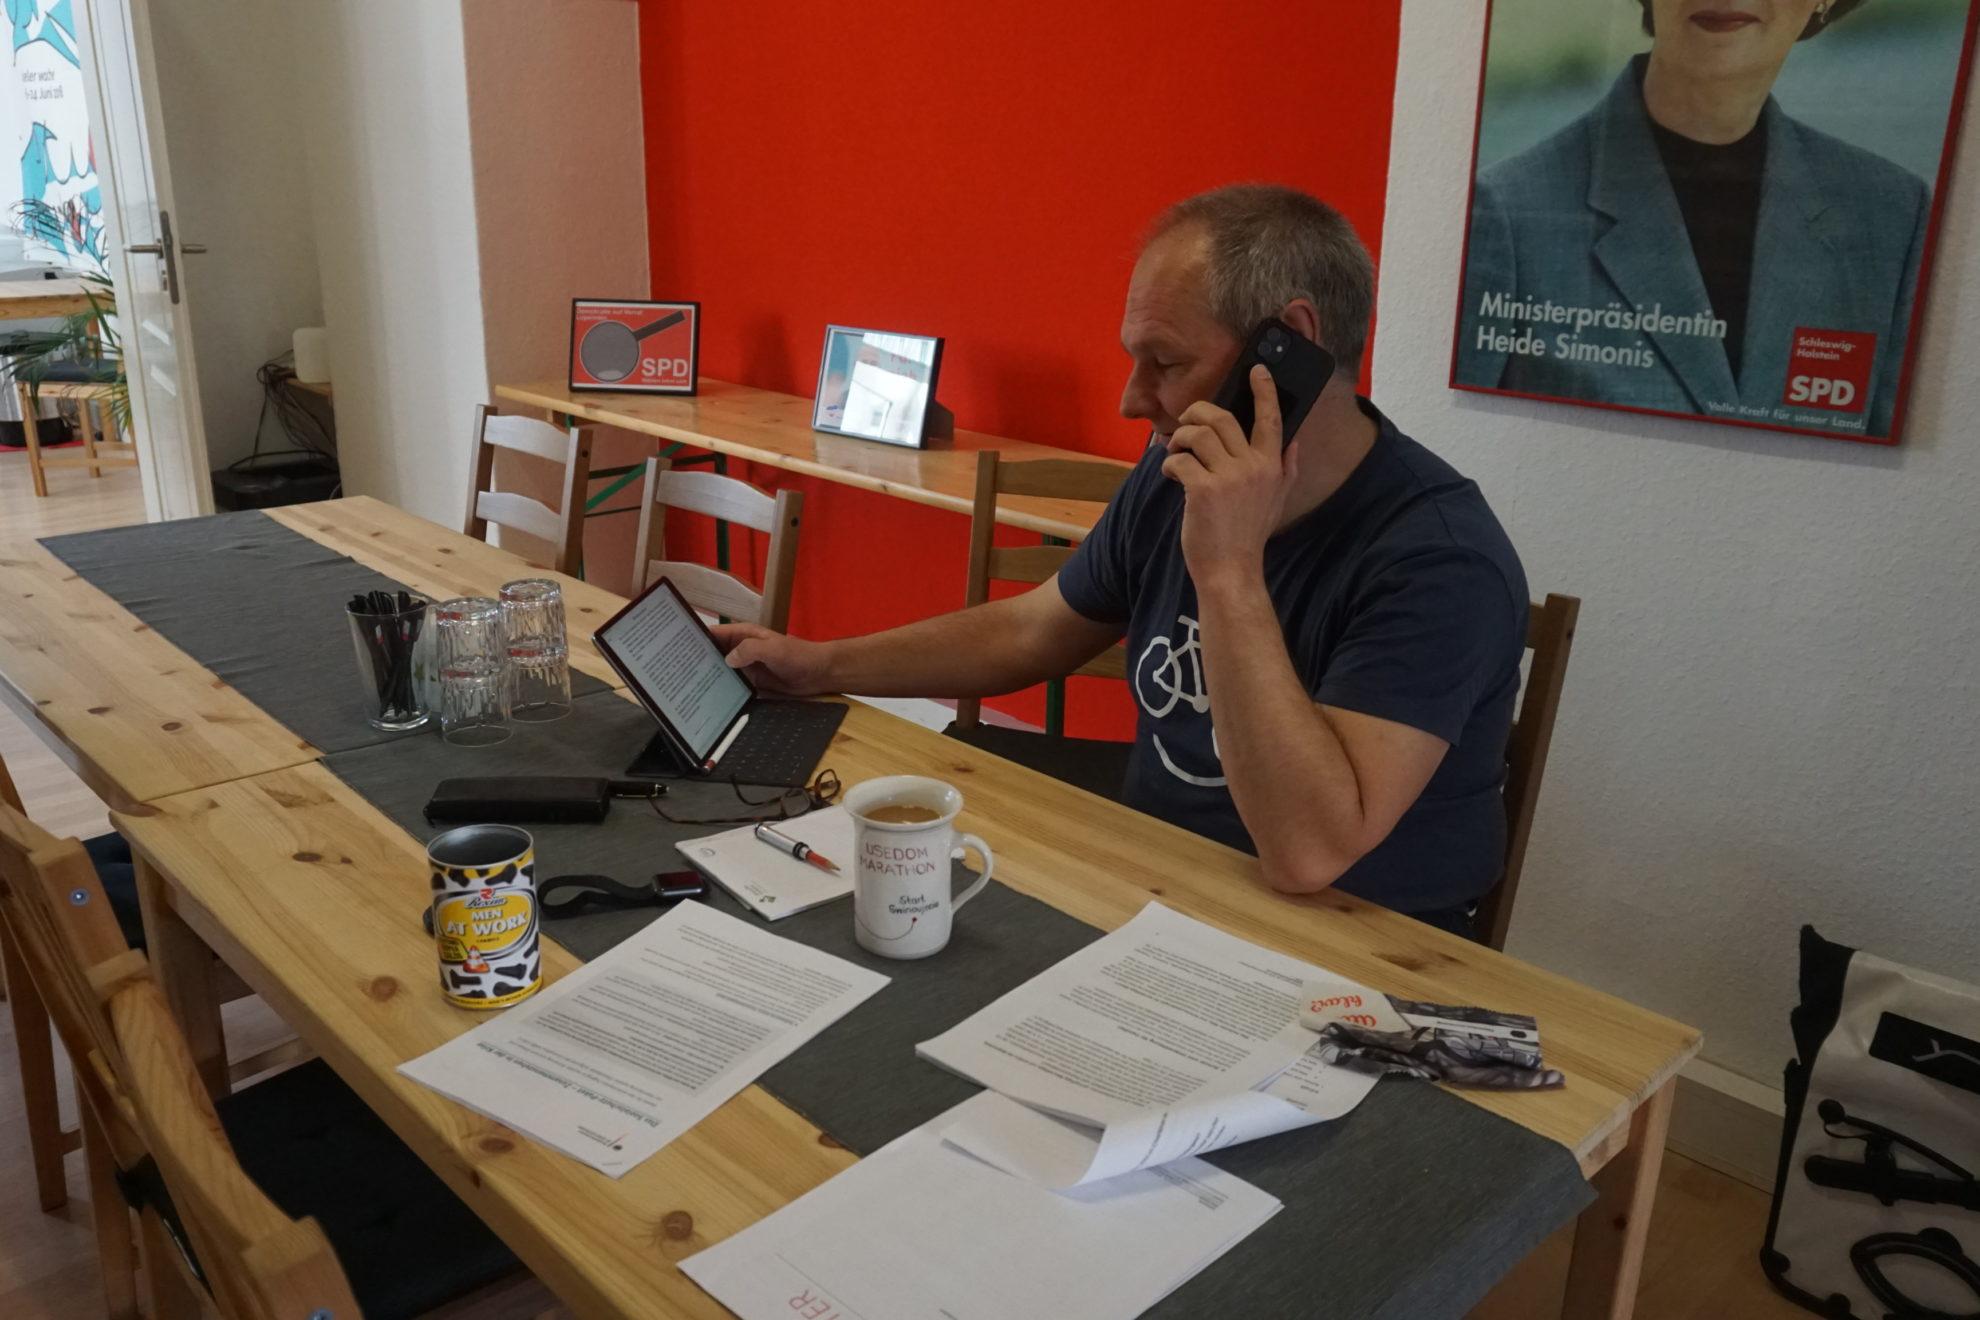 Mathias Stein telefoniert im Bürgerbüro, guckt gleichzeitig auf sein Tablet. Hinter ihm ist ein Plakat von Heide Simonis, neben ihm eine Tasse Kaffee und mehrere Unterlagen.